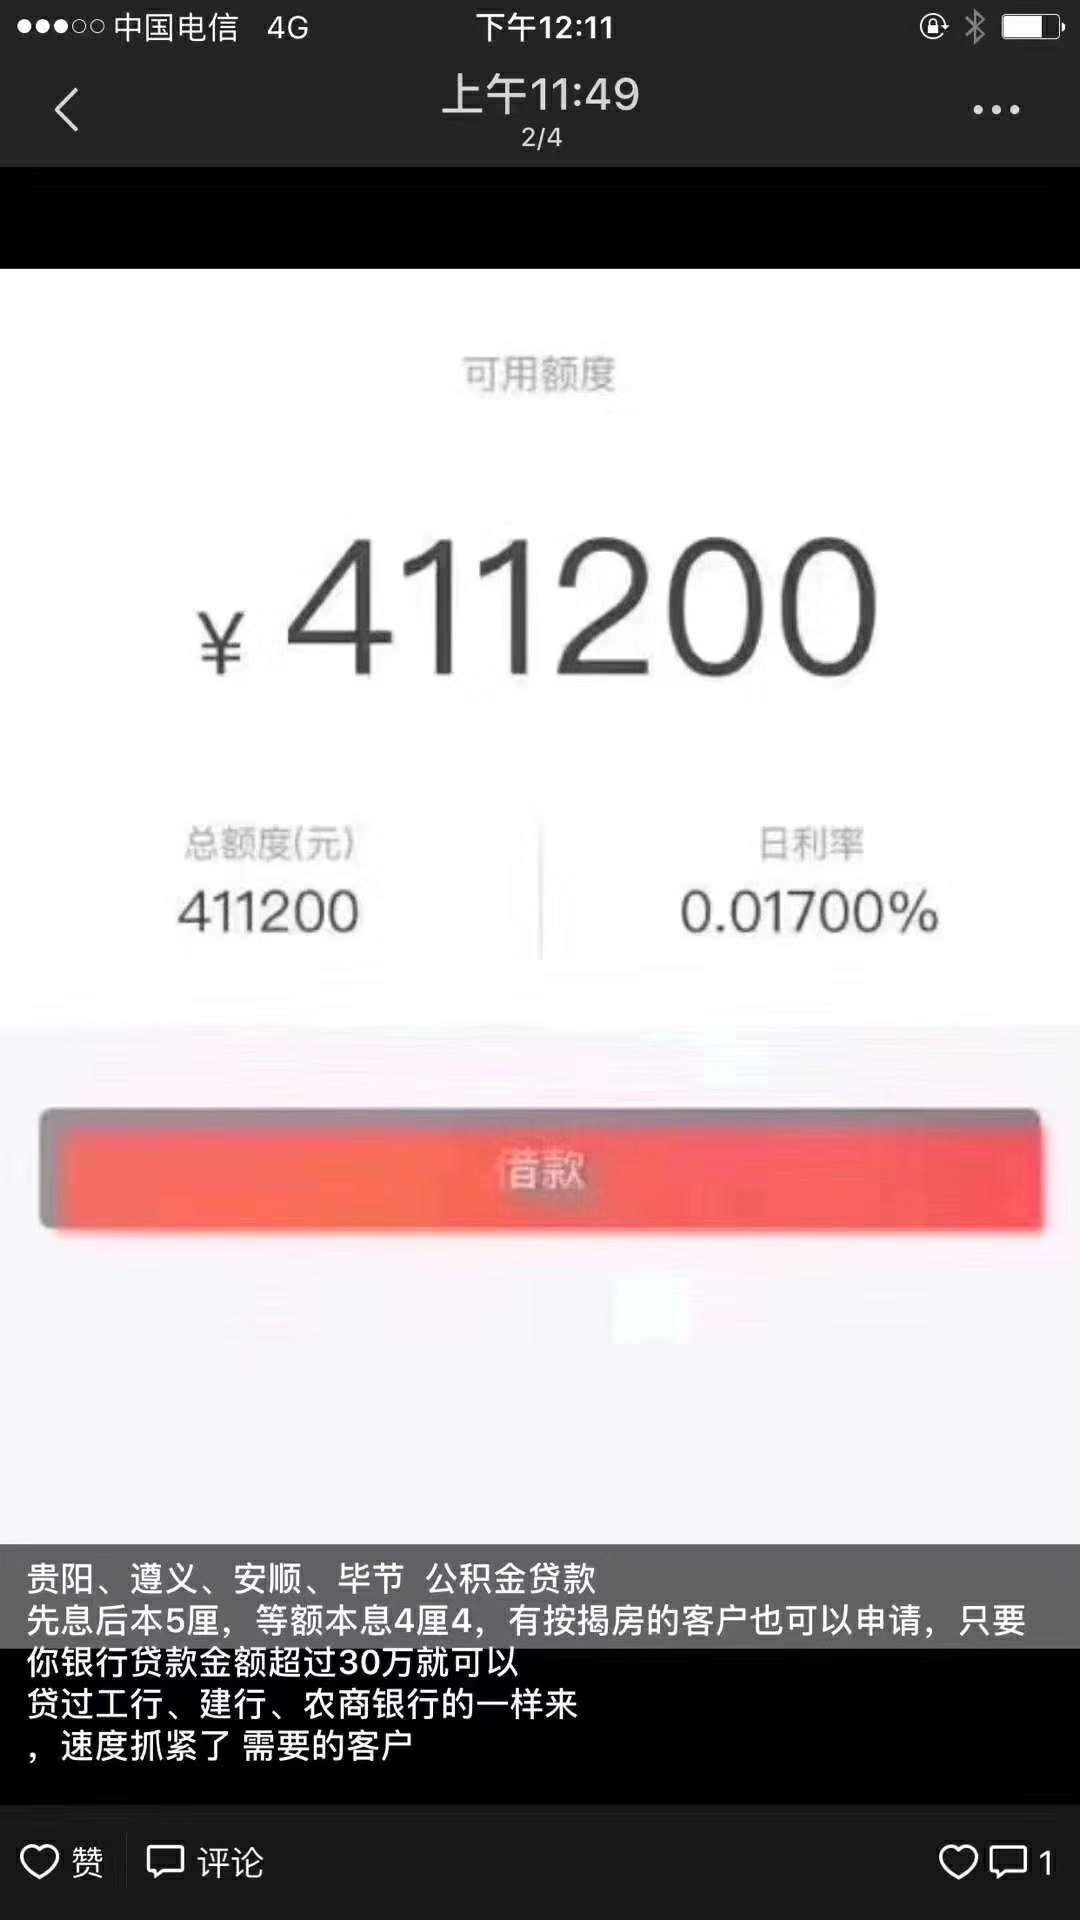 热门下款推荐:【快易花】稳定放款中,有需要的可以来65 / 作者:cgl0725 /